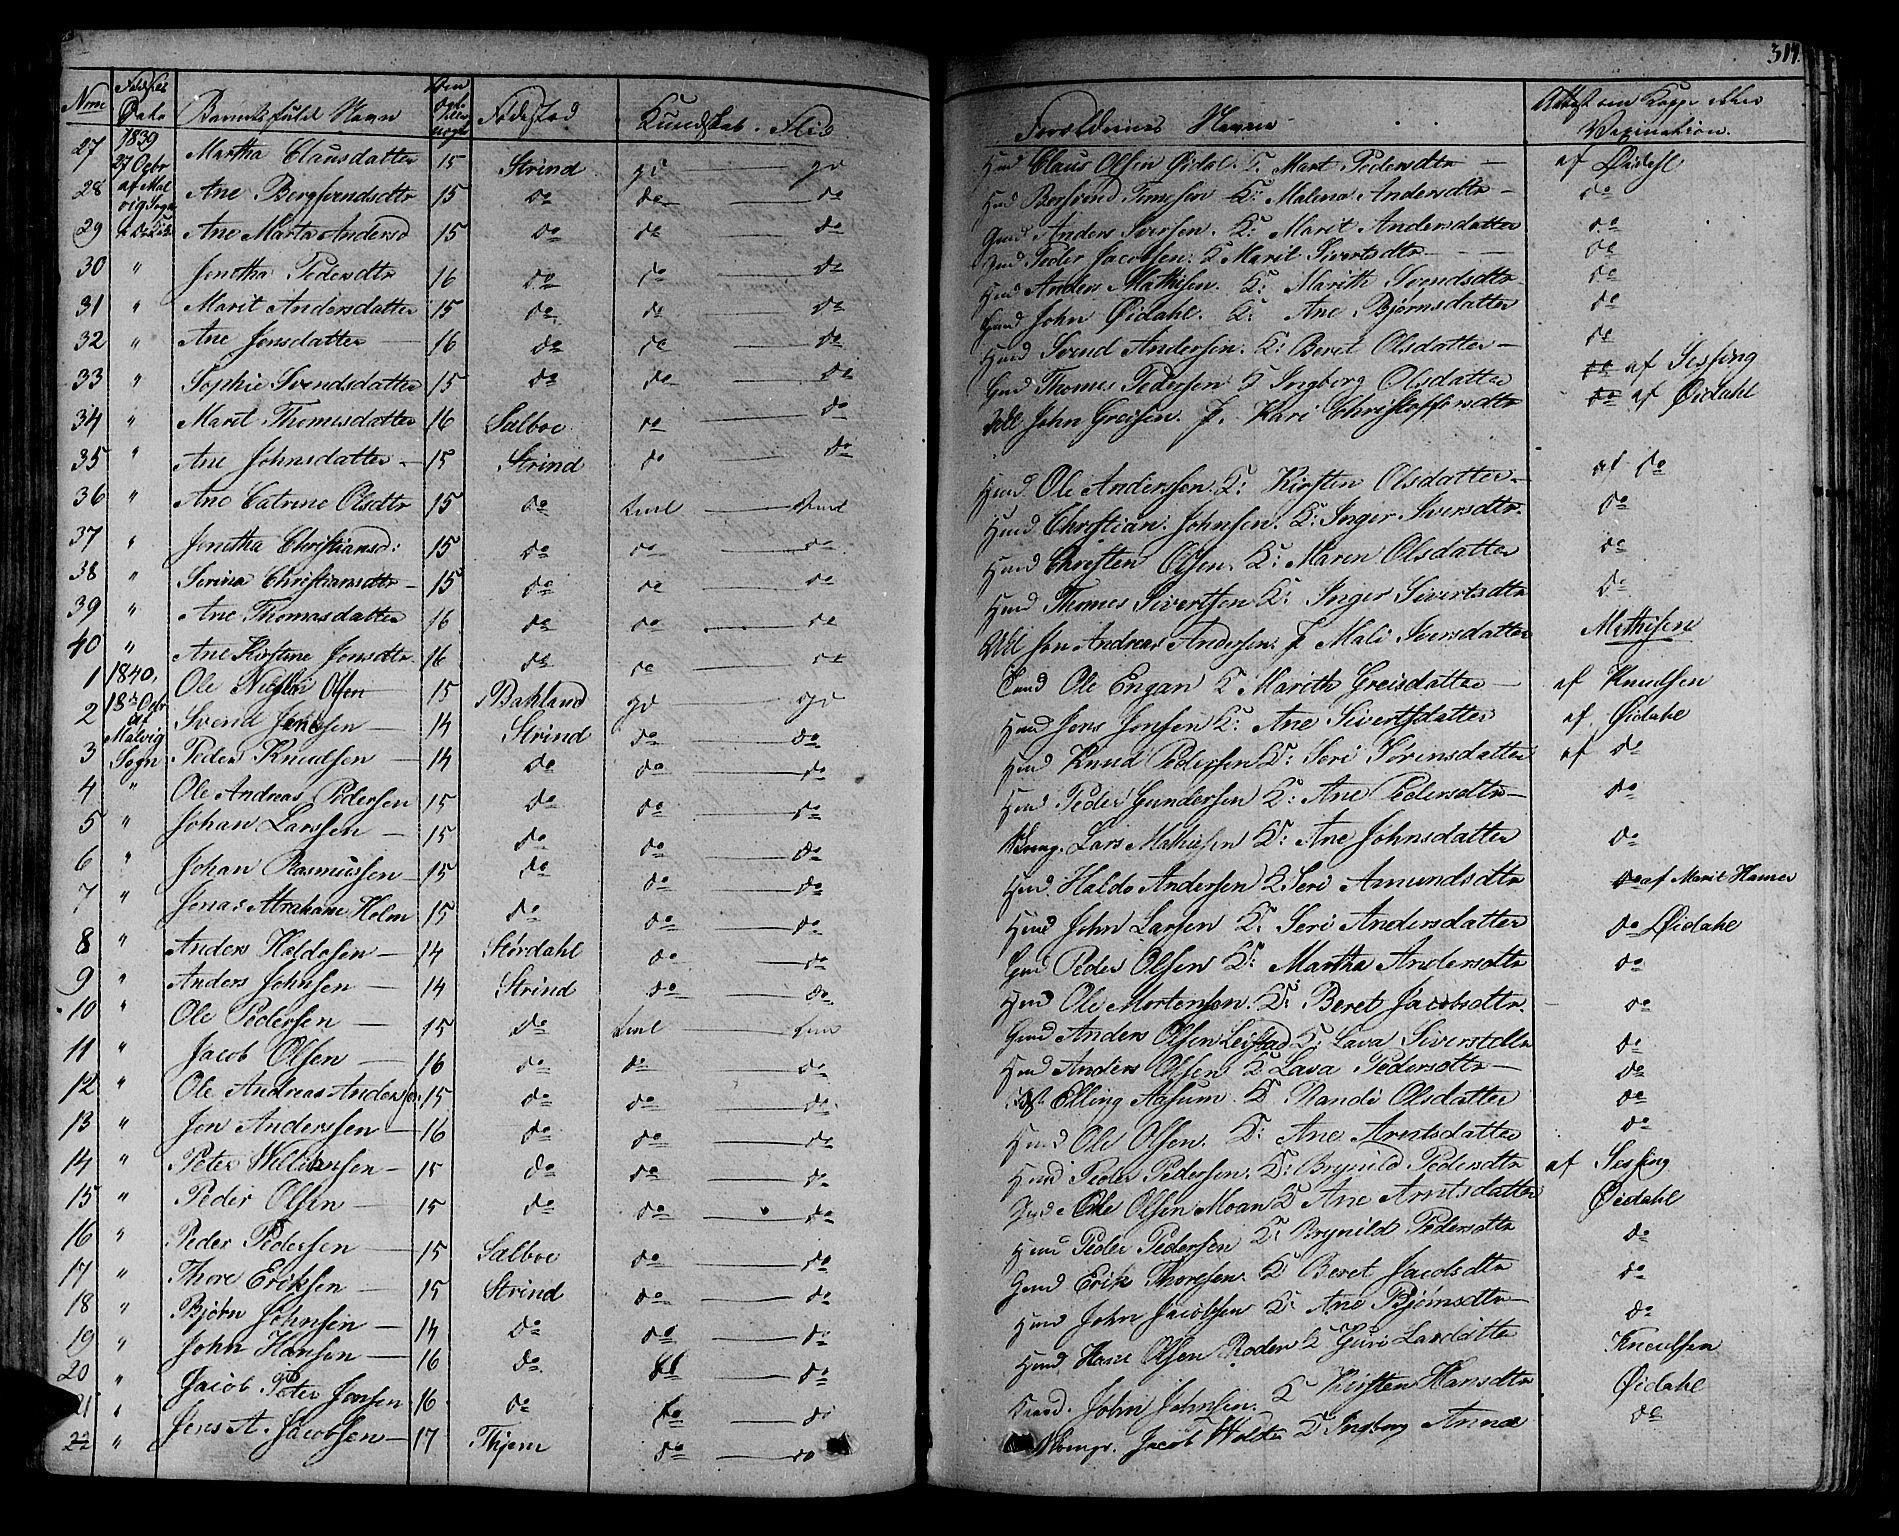 SAT, Ministerialprotokoller, klokkerbøker og fødselsregistre - Sør-Trøndelag, 606/L0286: Ministerialbok nr. 606A04 /1, 1823-1840, s. 314